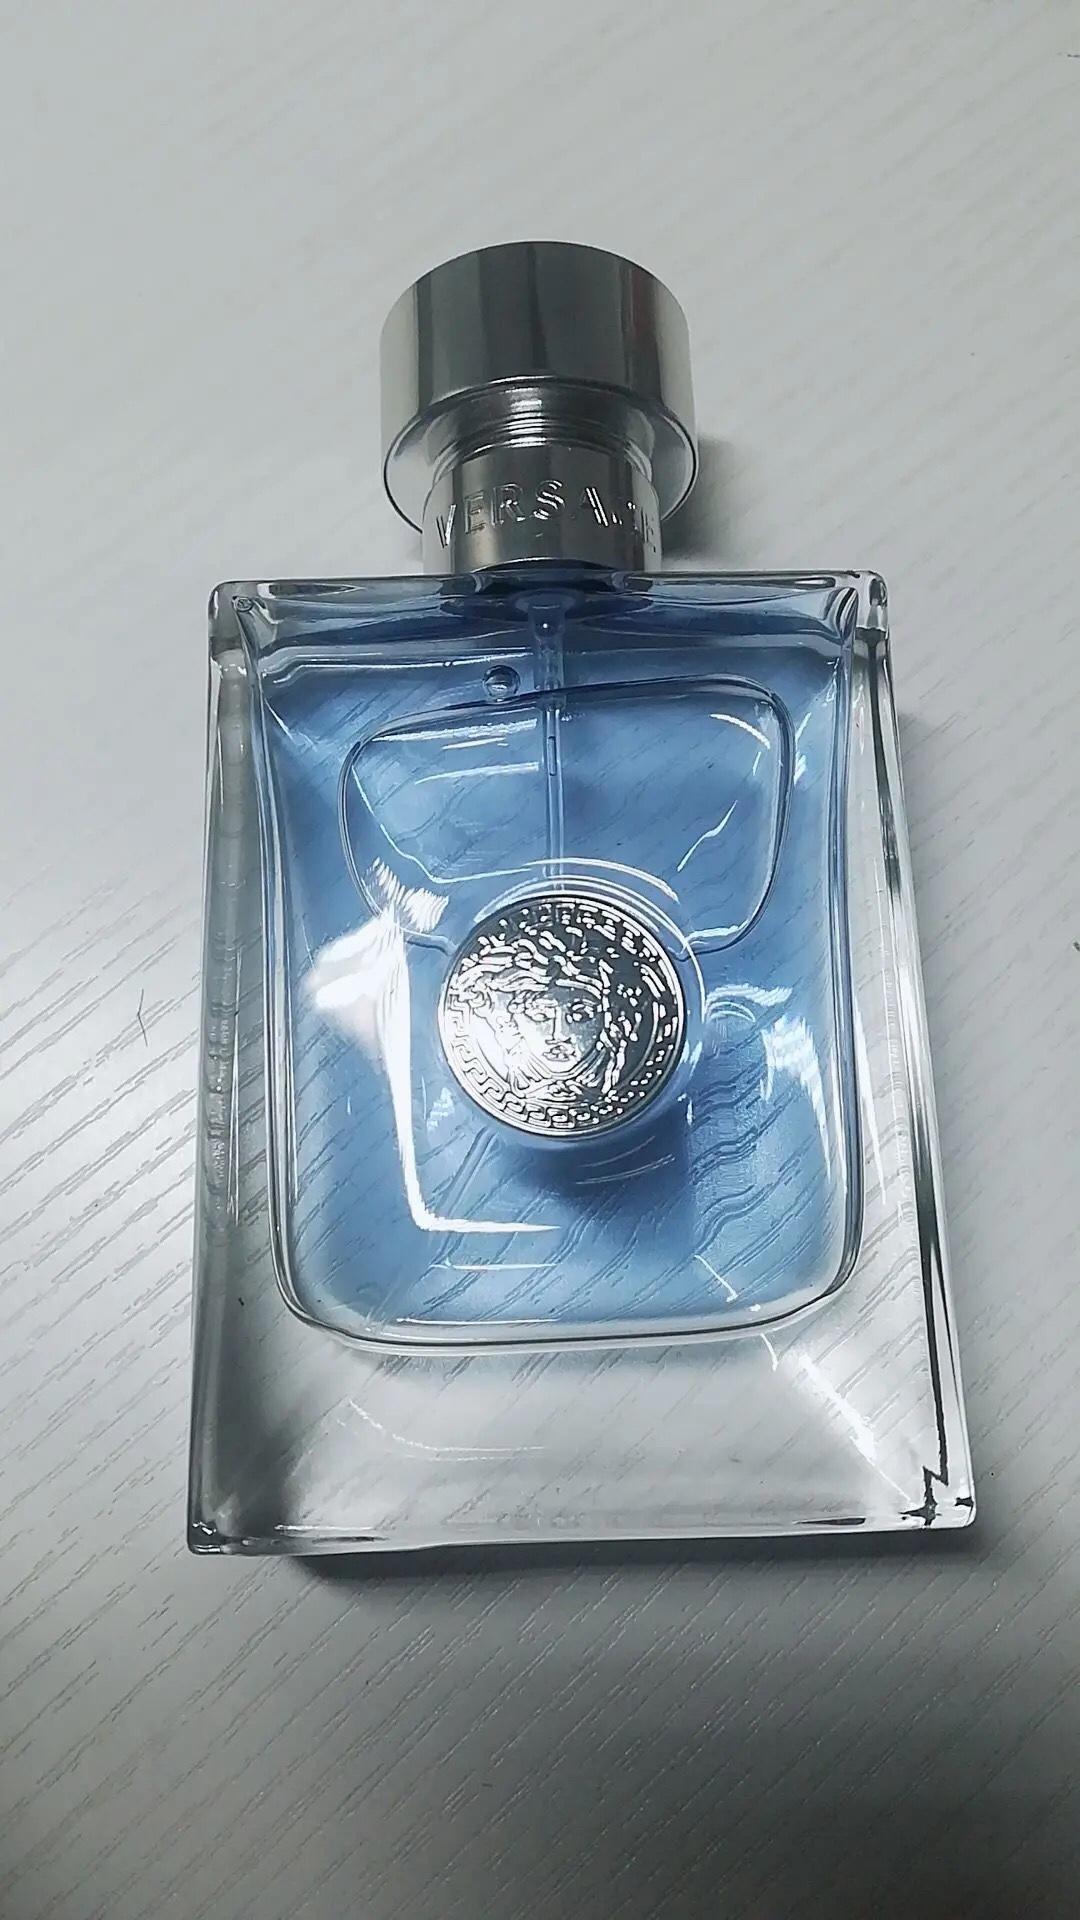 范思哲经典同名男士淡香水,送男朋友生日礼物推荐